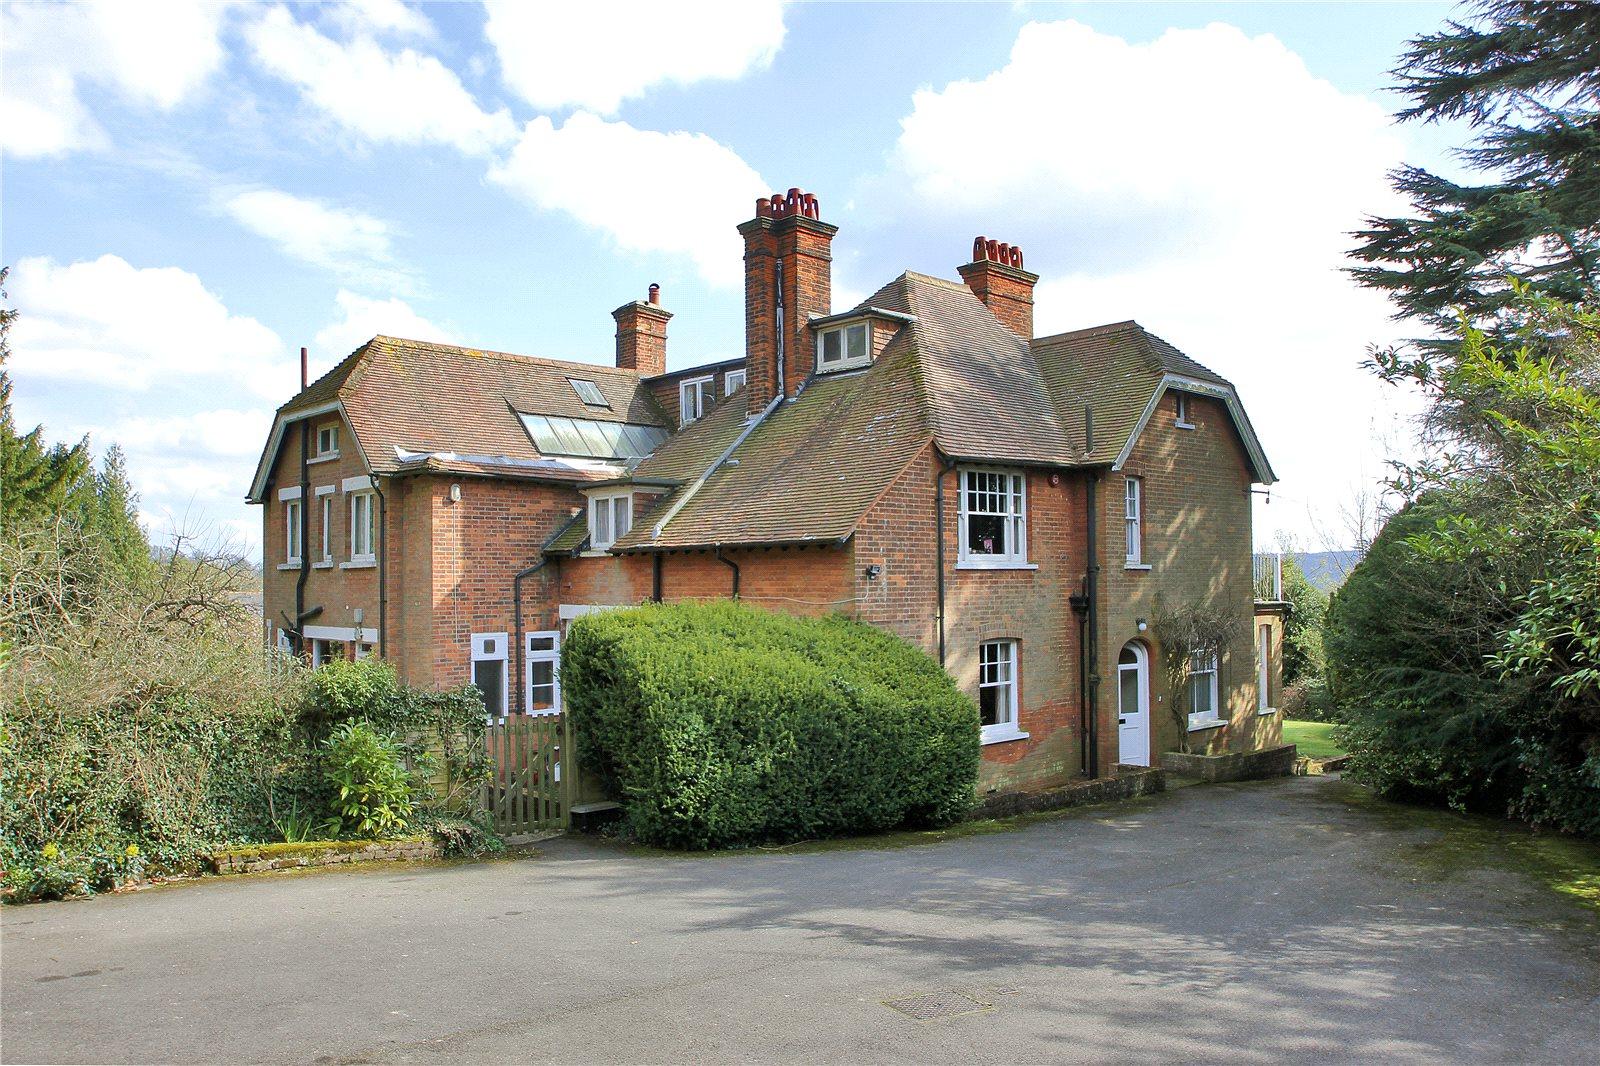 Μονοκατοικία για την Πώληση στο Cotmans Ash Lane, Kemsing, Sevenoaks, Kent, TN15 Sevenoaks, Αγγλια